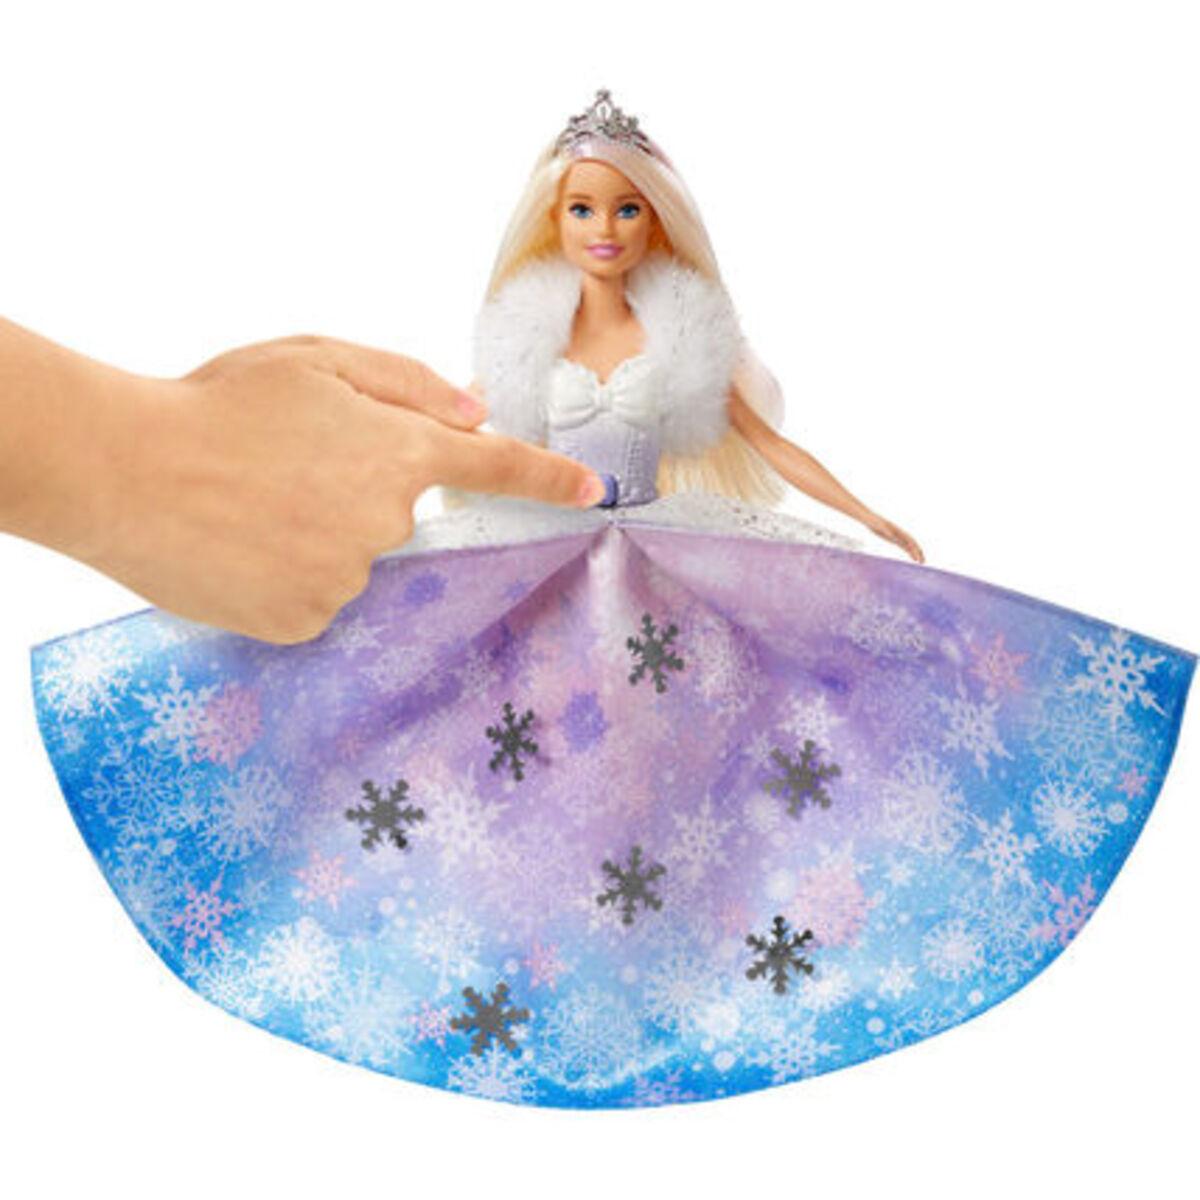 Bild 4 von Barbie Dreamtopia Fashion-Prinzessinnen-Puppe, ca. 30cm groß, blond mit pink gesträhnter Haarpartie